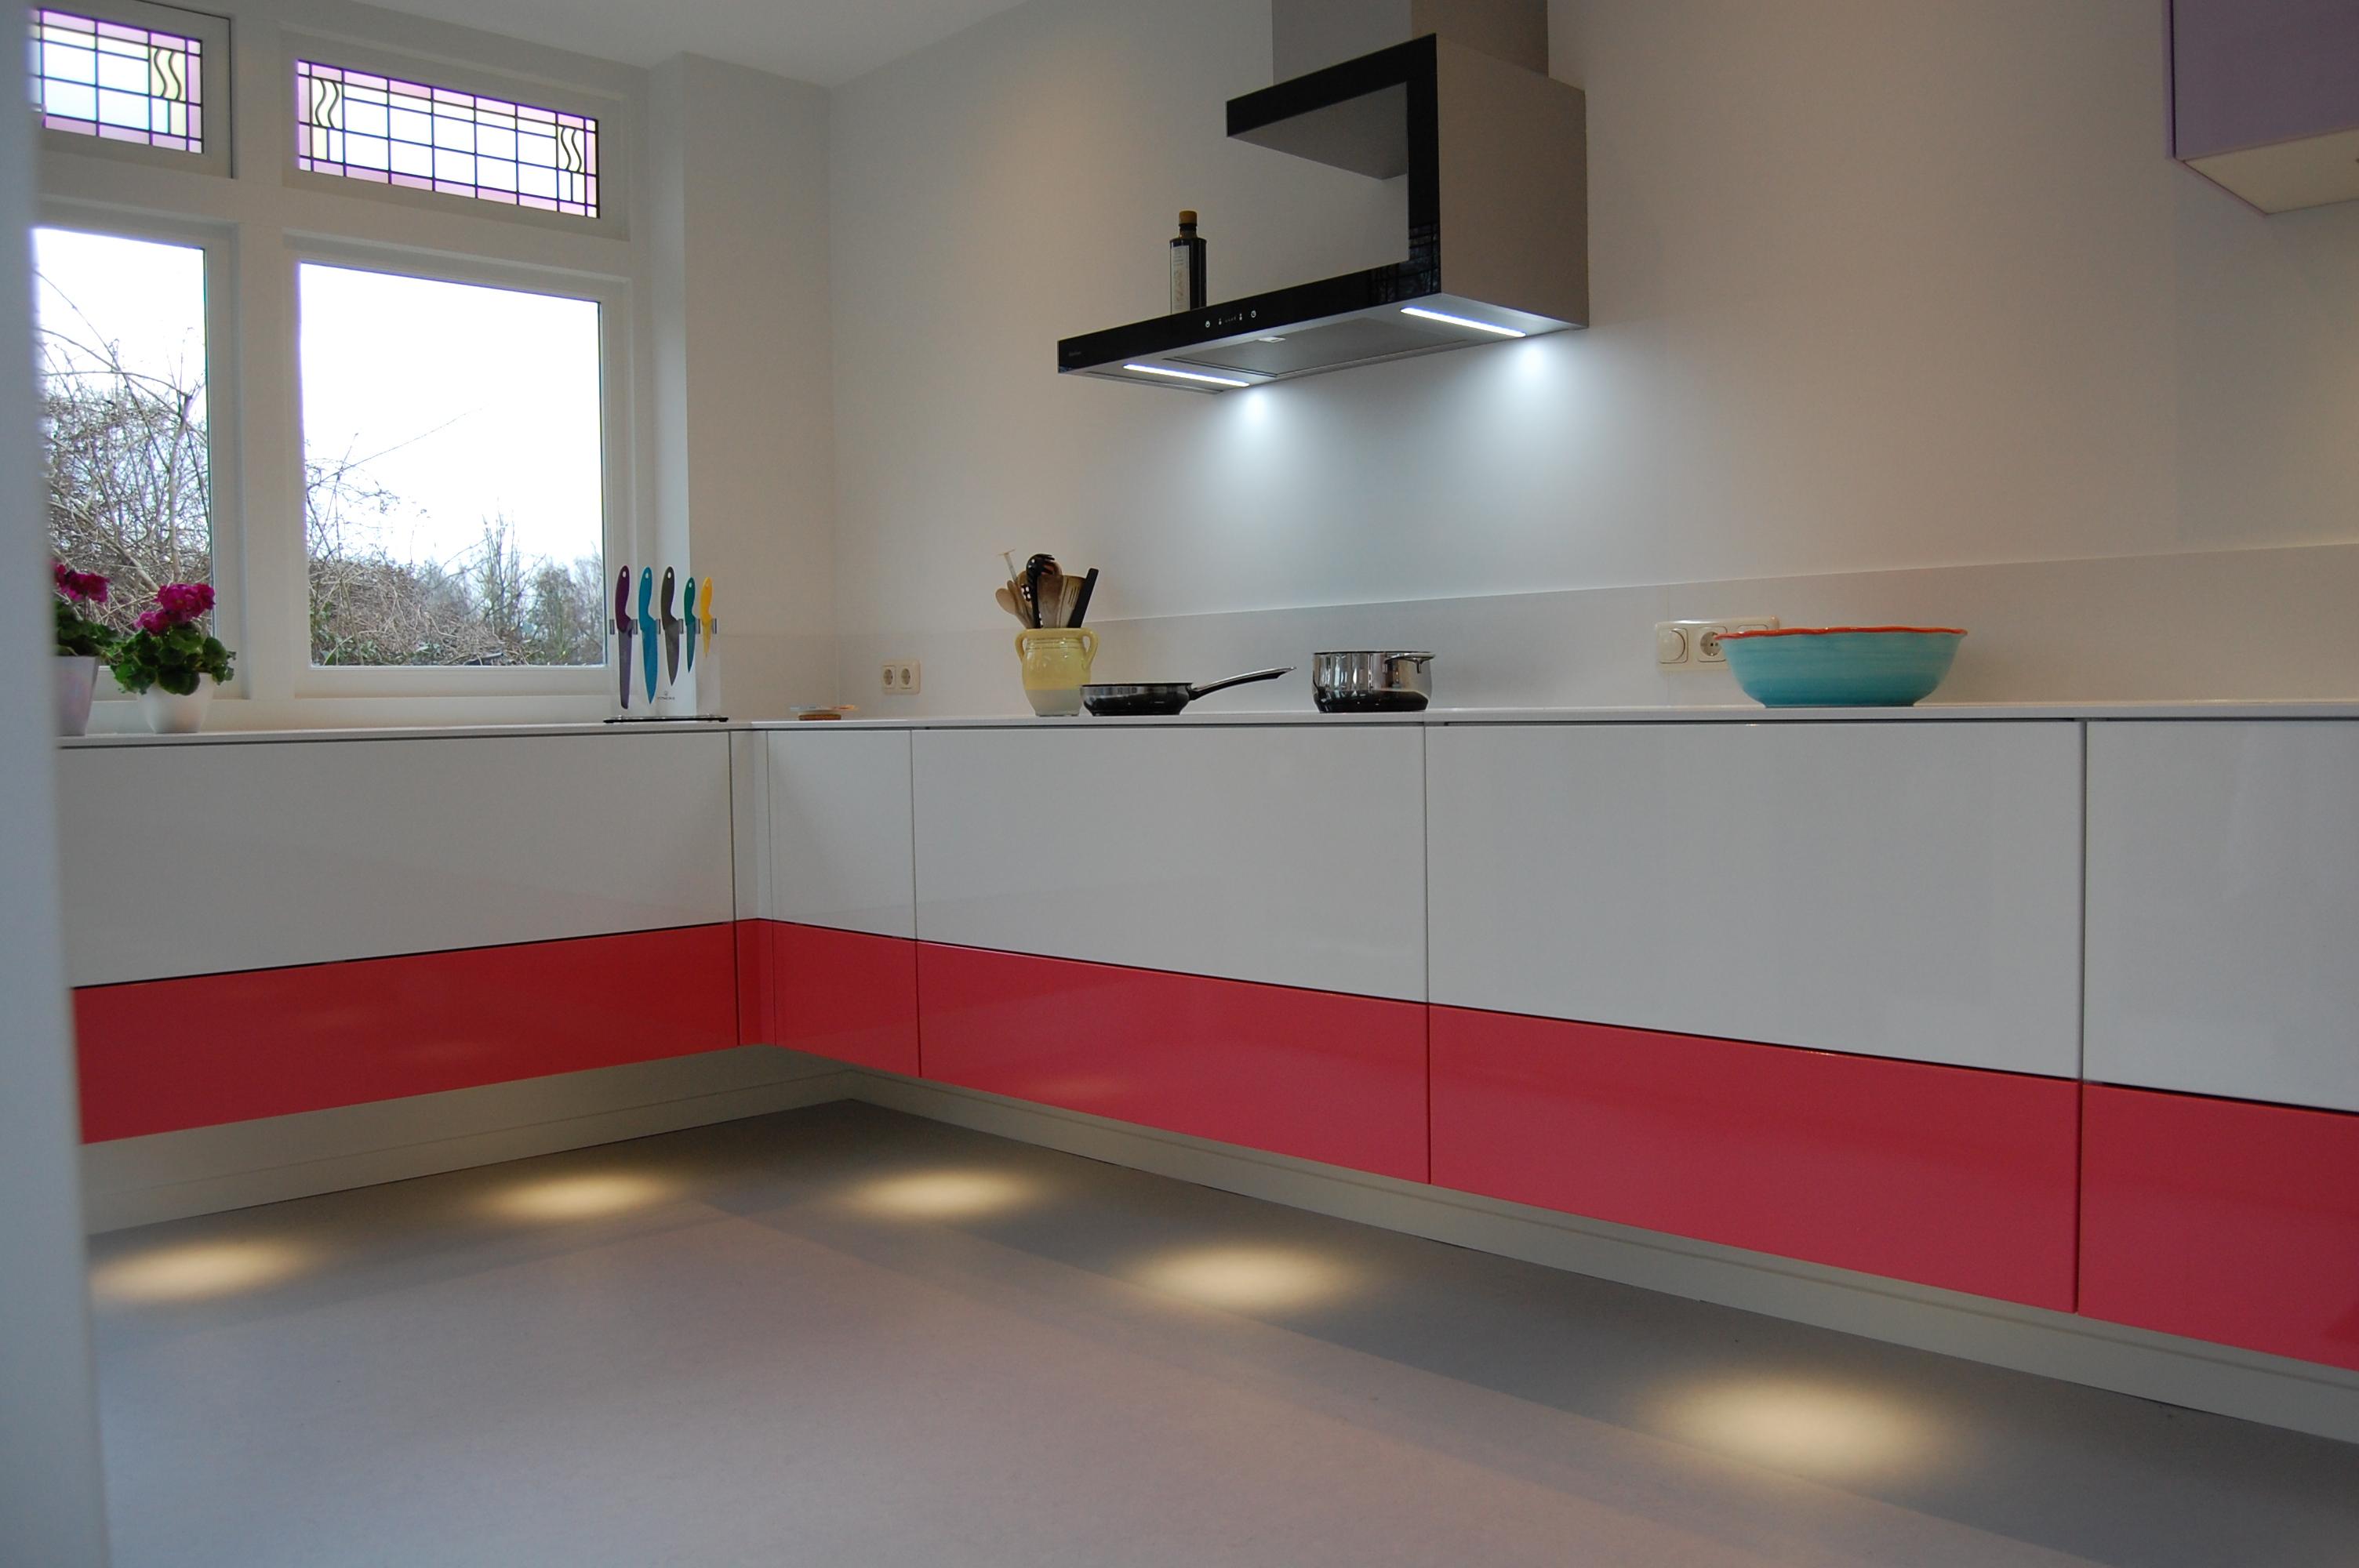 Muur ontwerp met kleur strepen gehoor geven aan uw huis - Keuken muur kleur idee ...